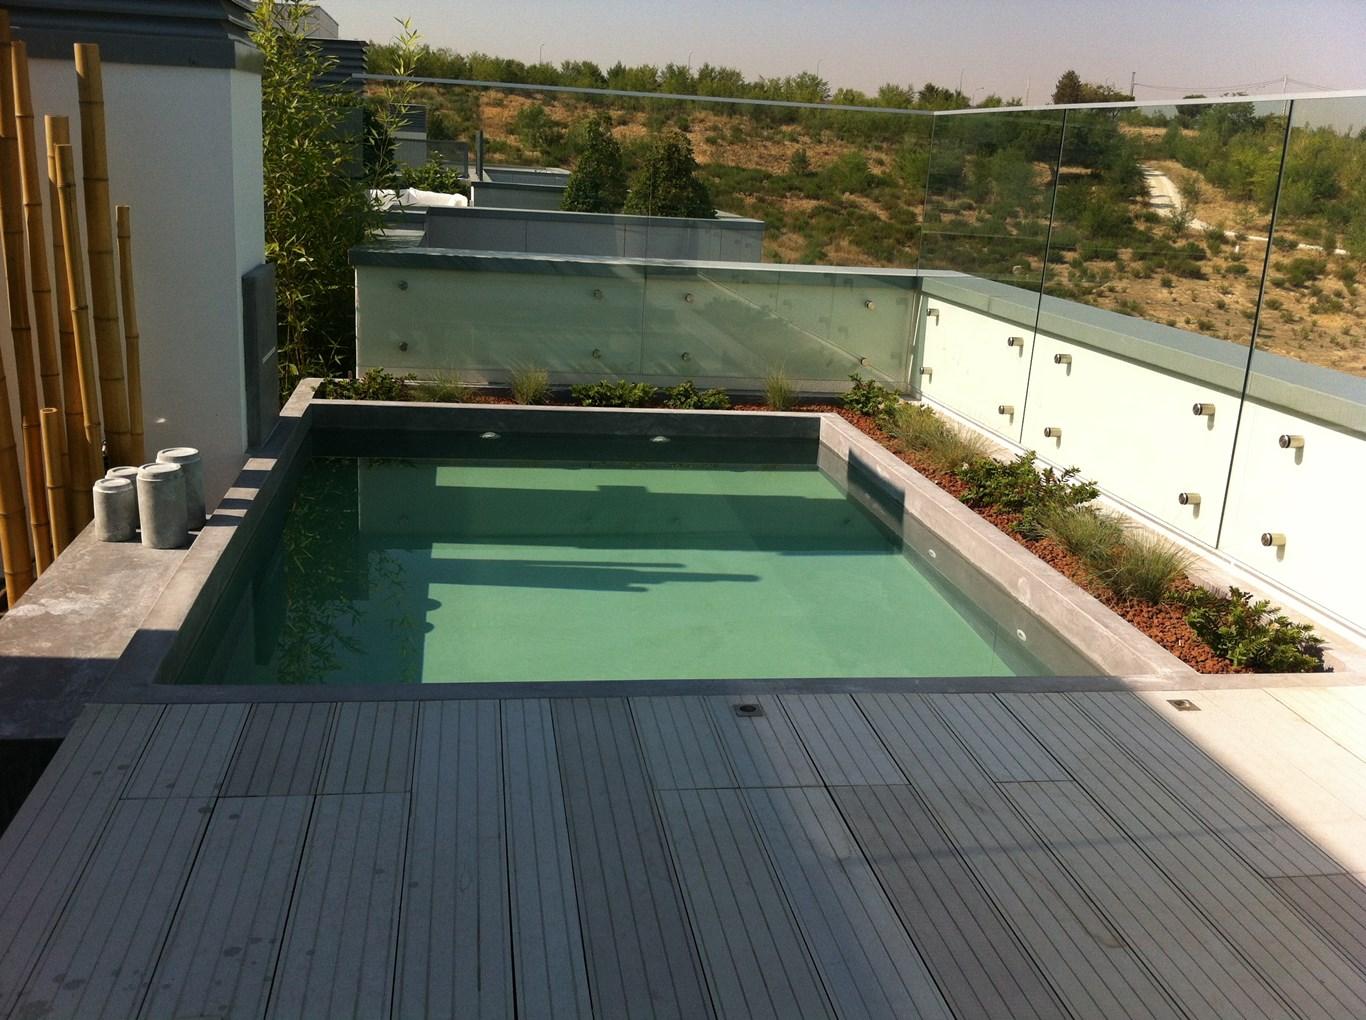 Tico con piscina grupo picavea - Atico con piscina ...